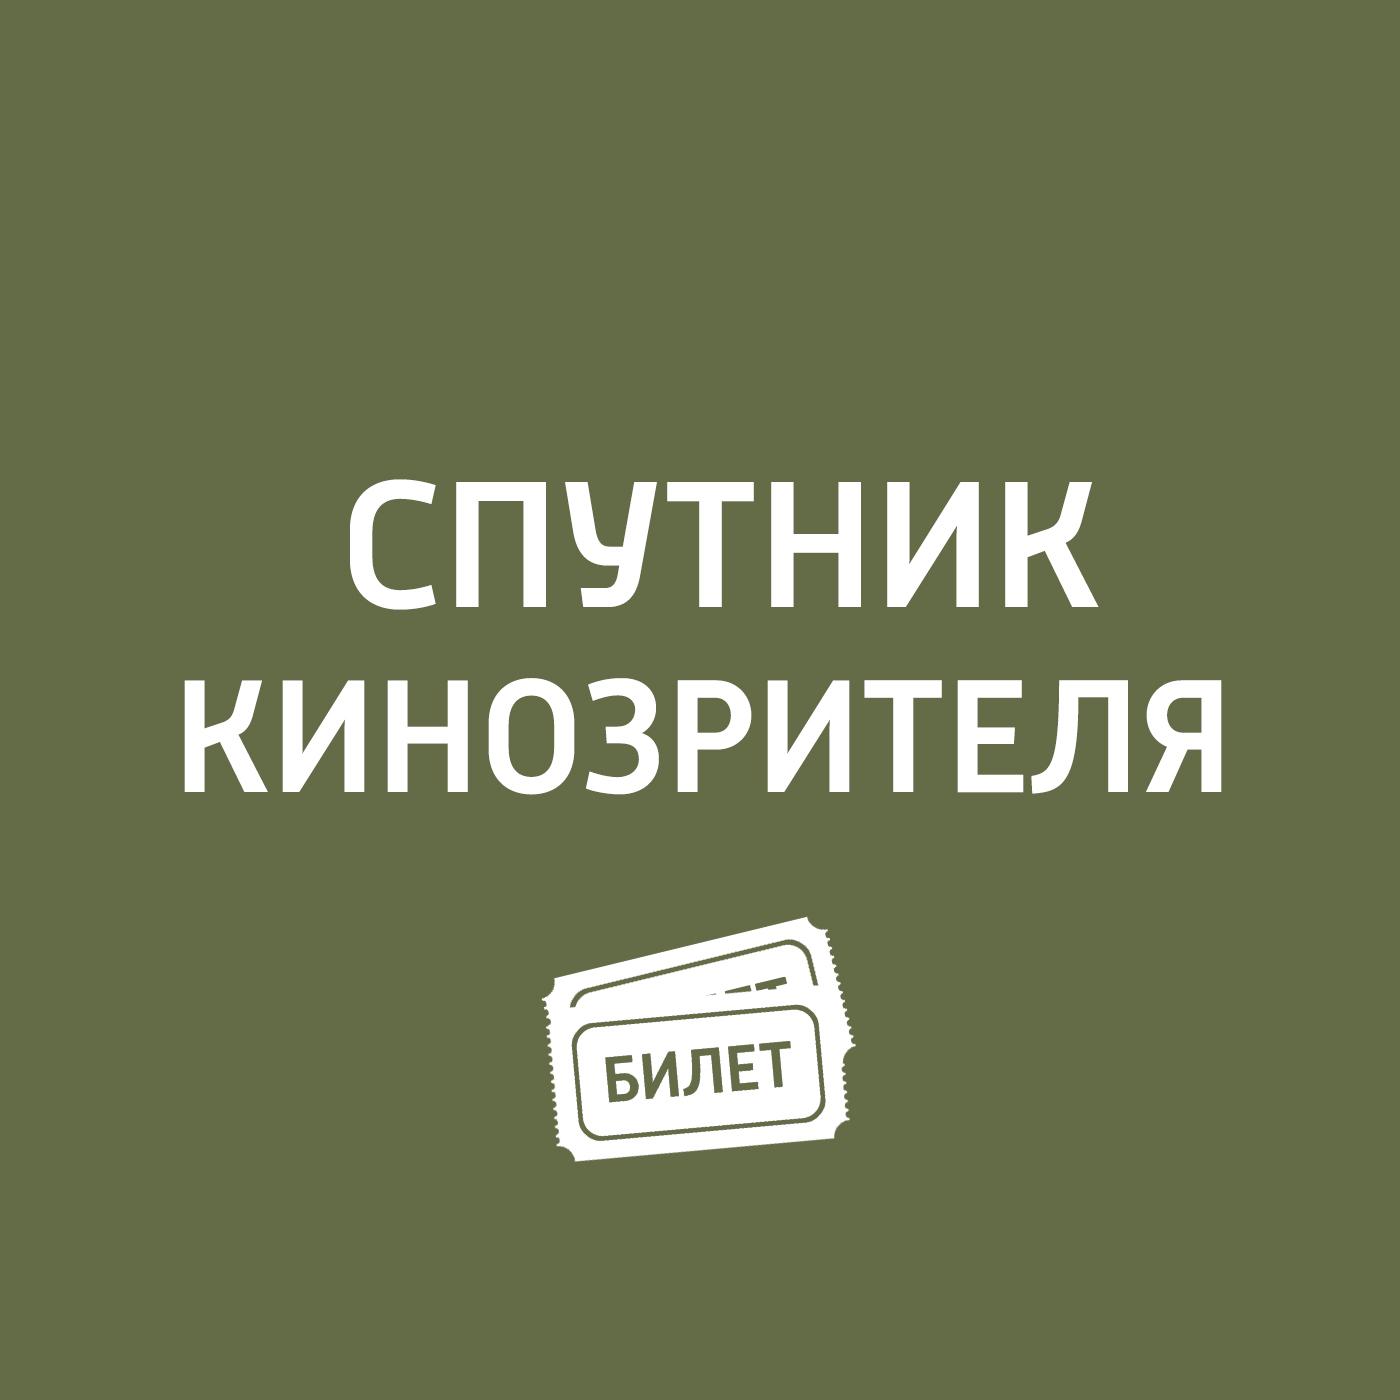 купить Антон Долин Ёлки 3, «Иван Царевич и Серый Волк 2 и др. недорого